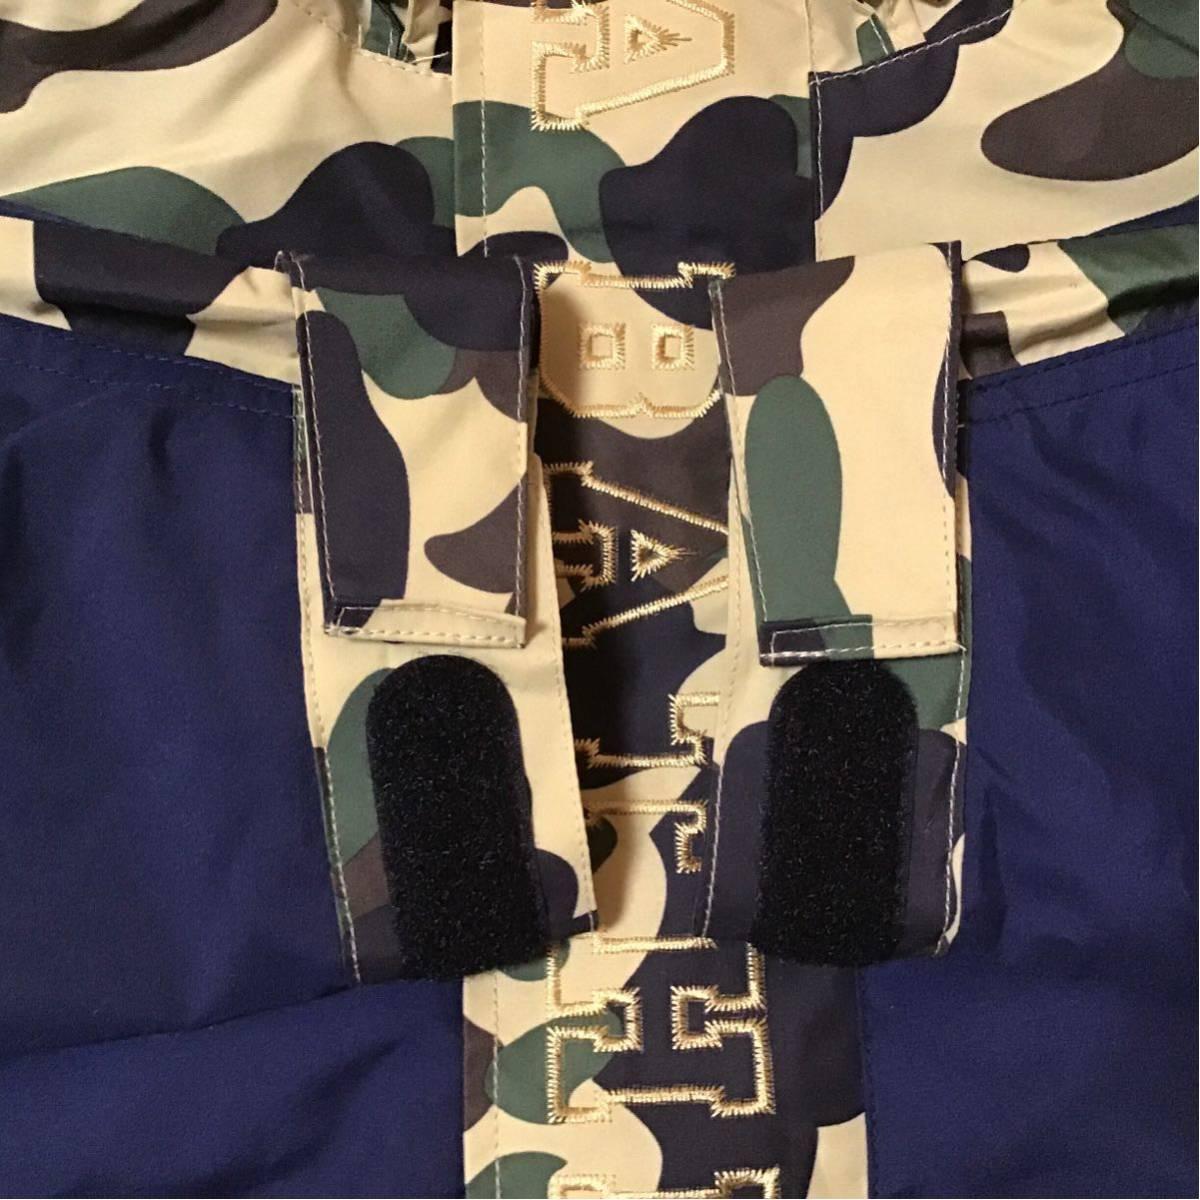 ★美品★ タイガー スノボ ジャケット Sサイズ a bathing ape tiger snow board jacket BAPE hoodie パーカー エイプ ベイプ 1st camo navy